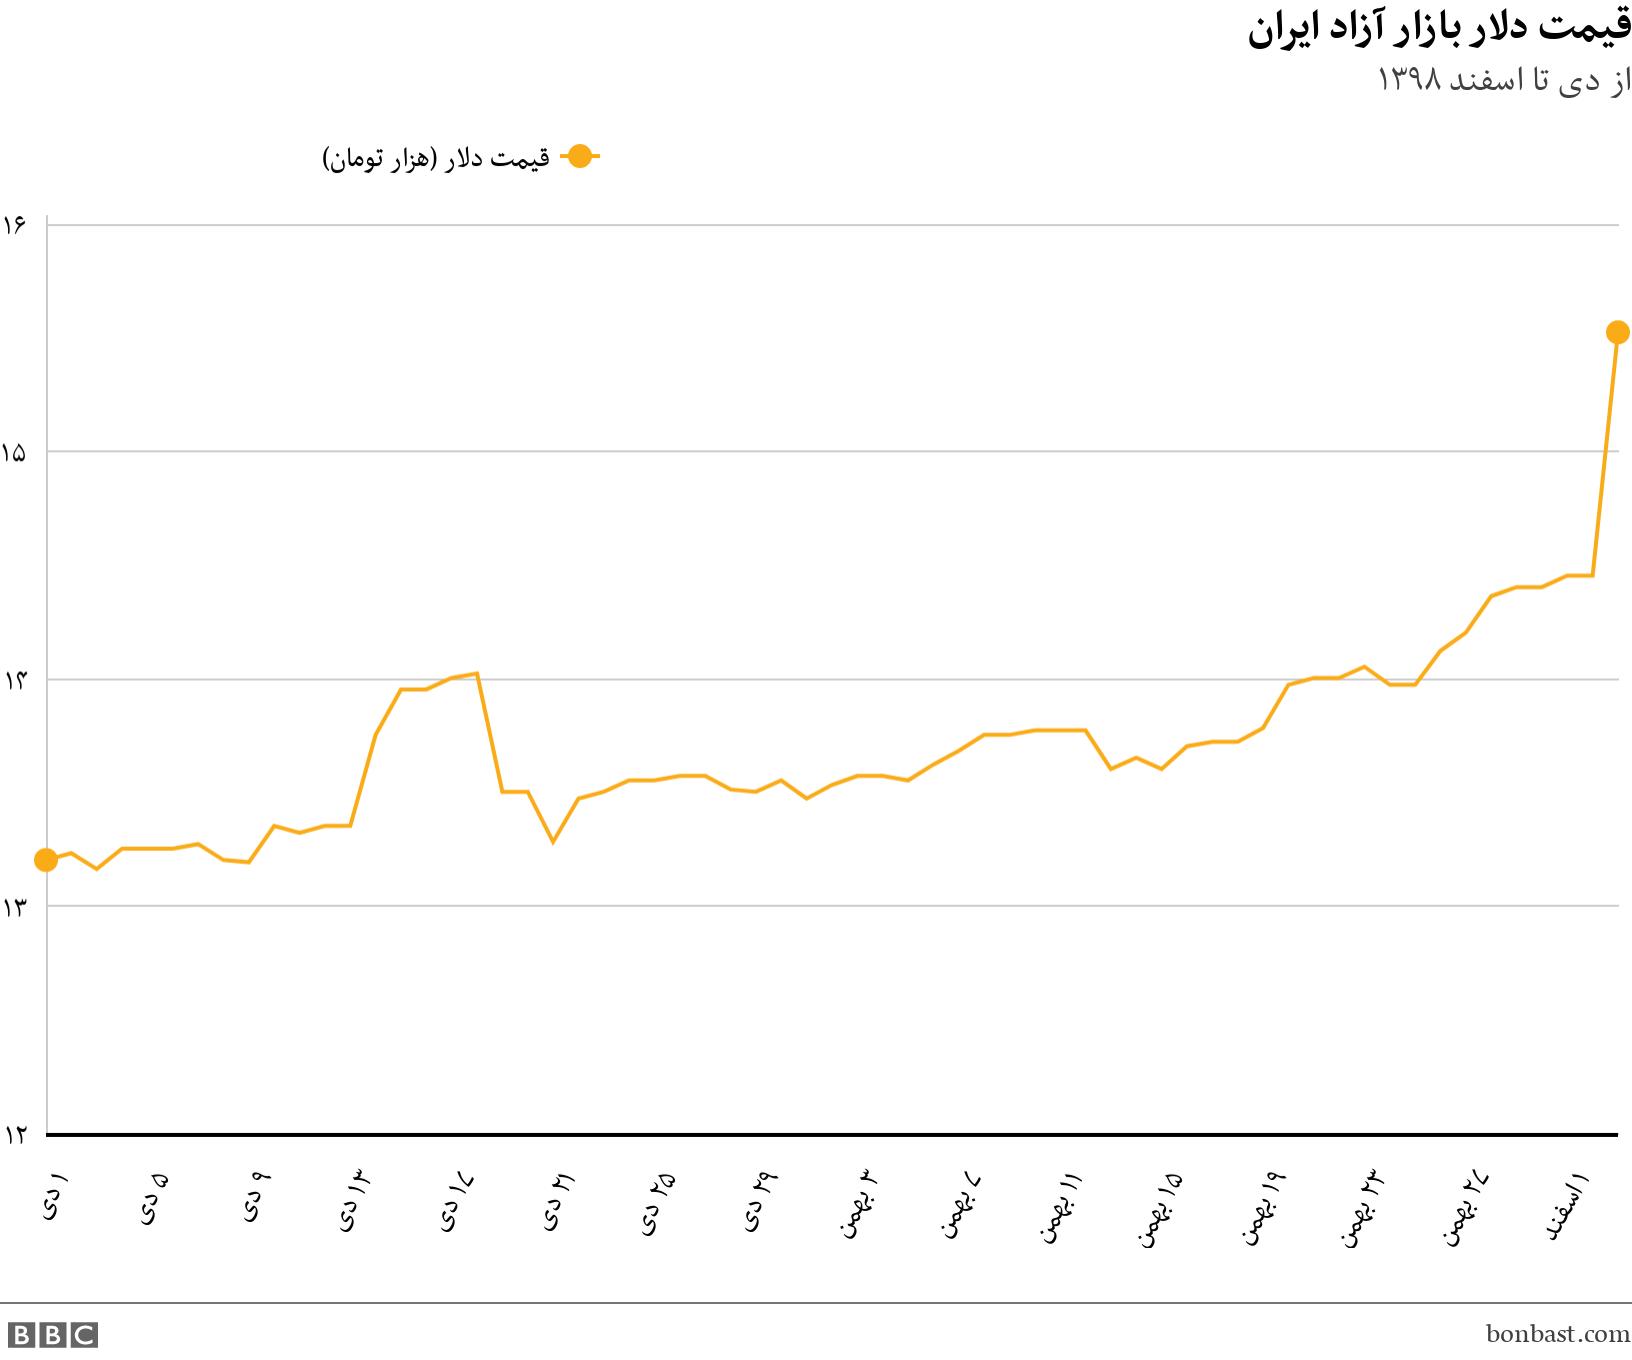 قیمت دلار بازار آزاد ایران. از دی تا اسفند ۱۳۹۸.  .